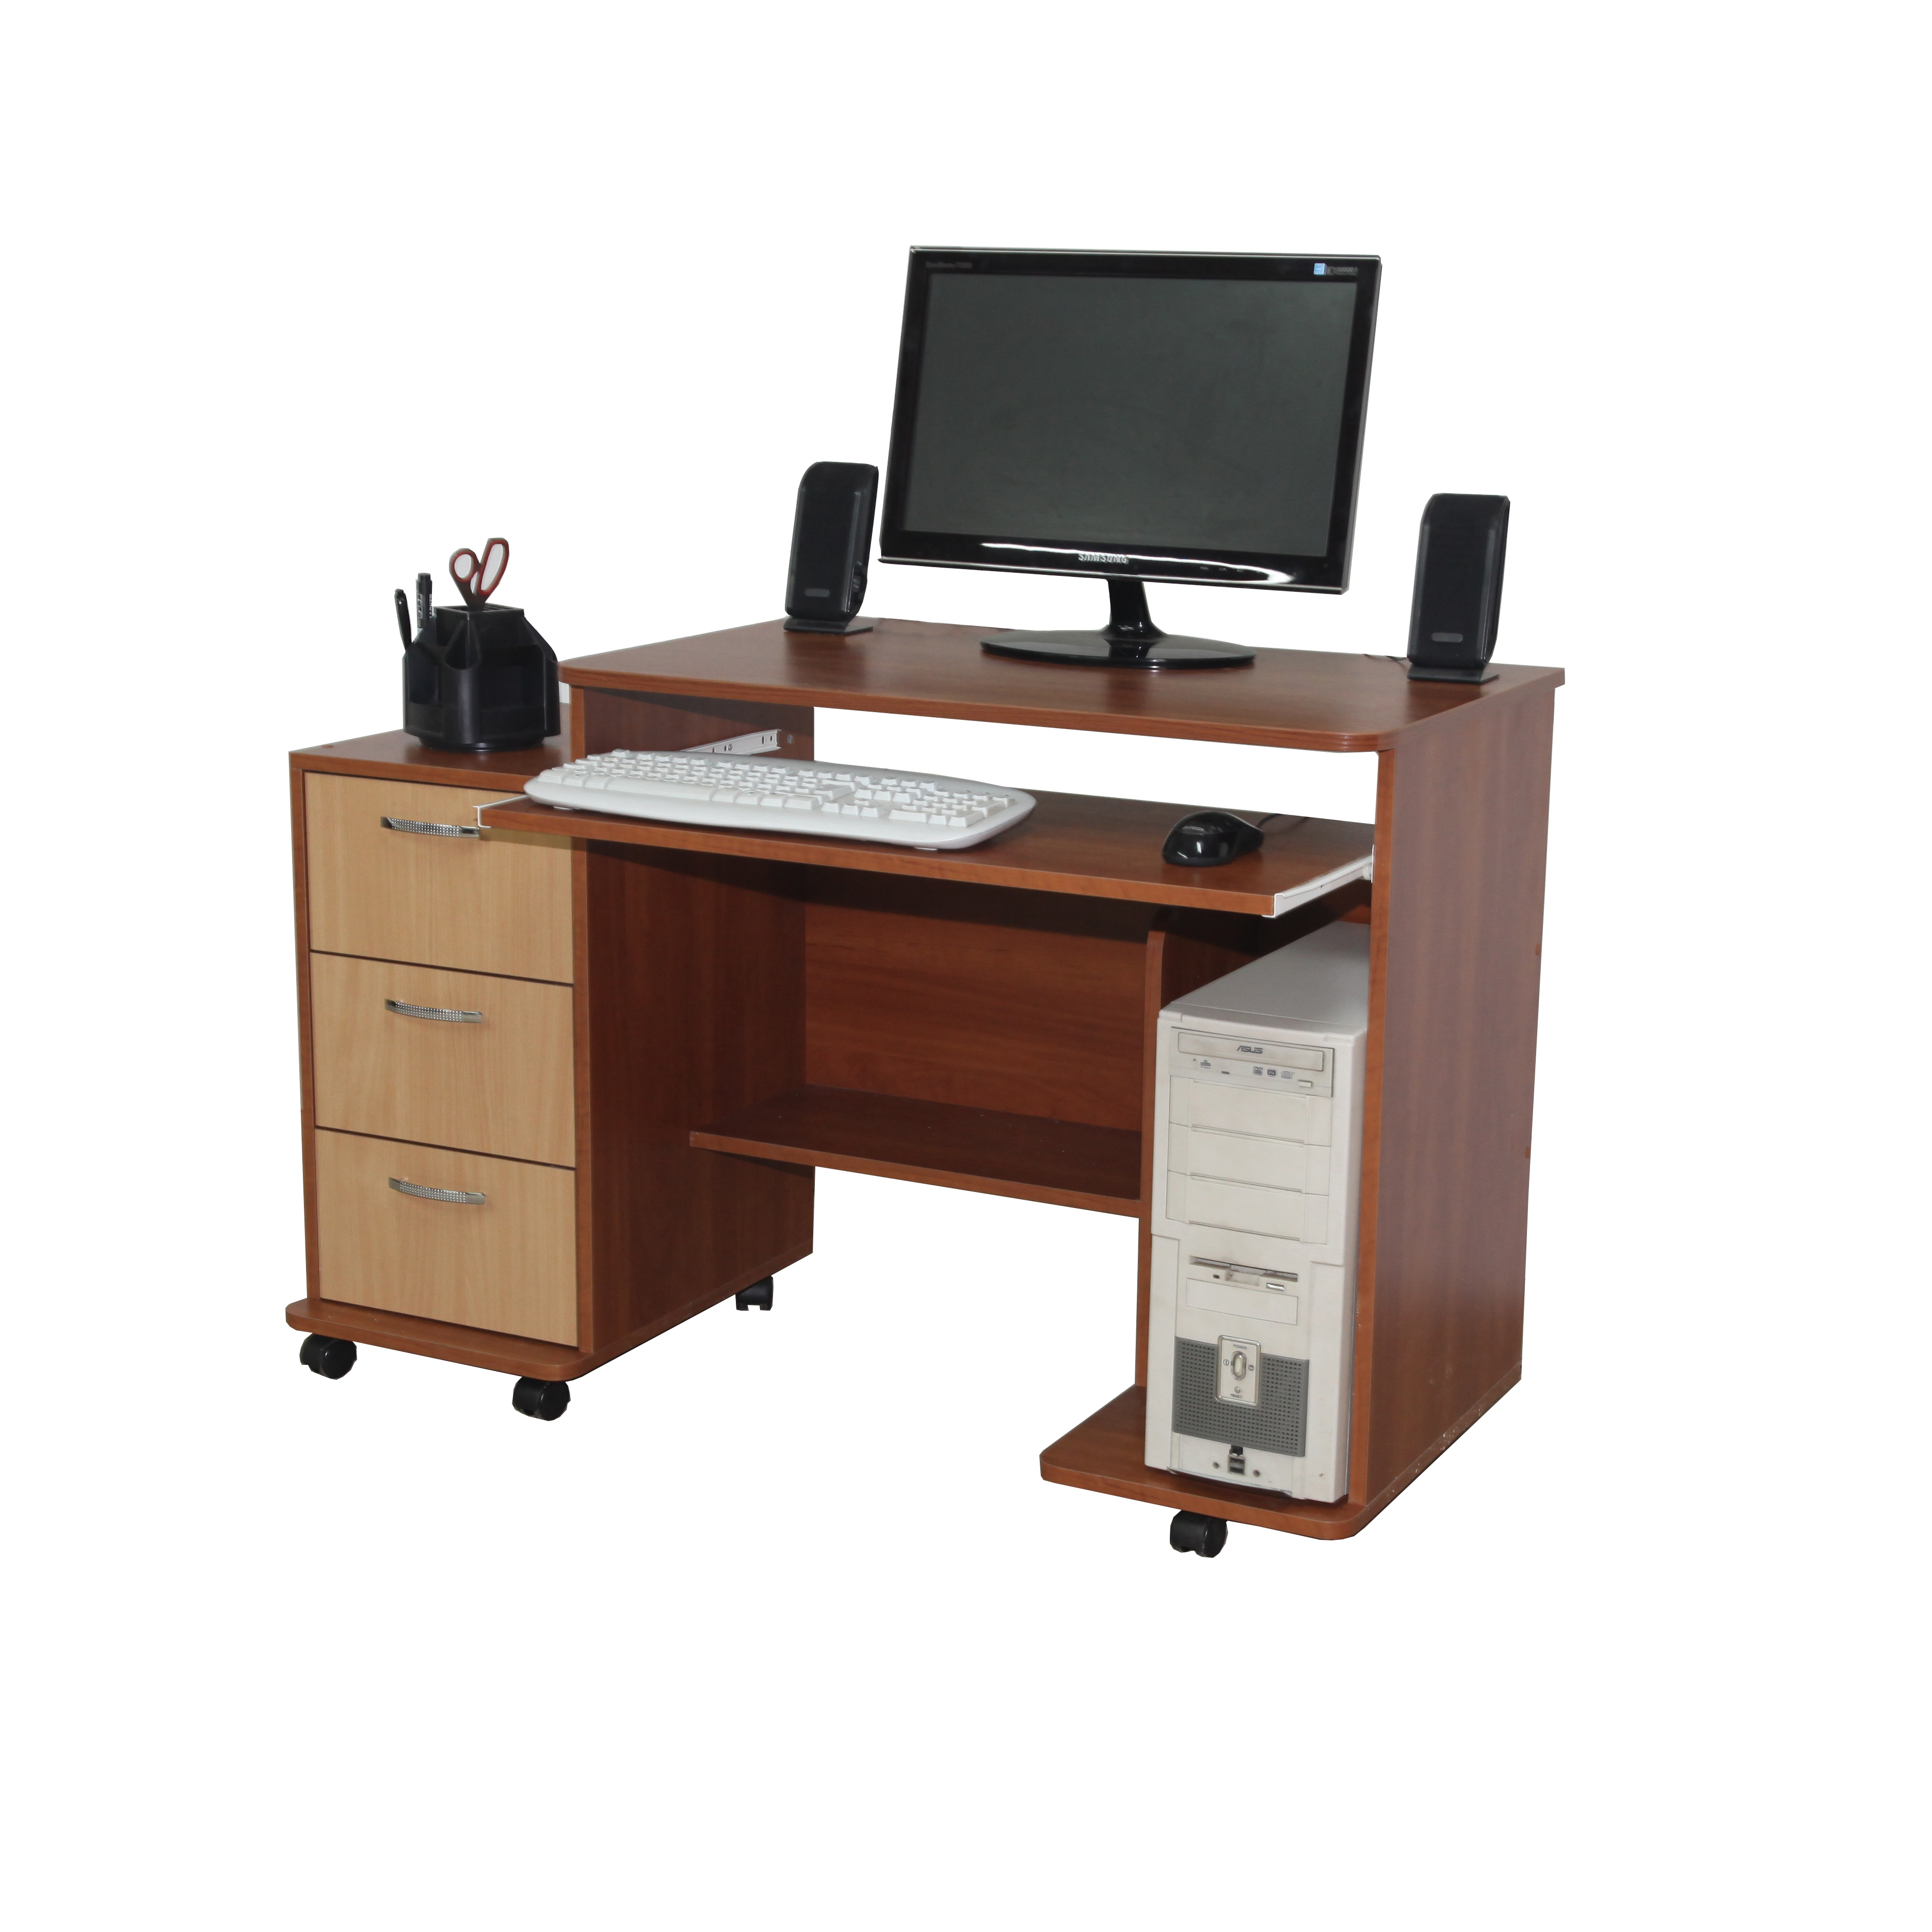 Компьютерный стол на колесиках ТМ Nika Мебель